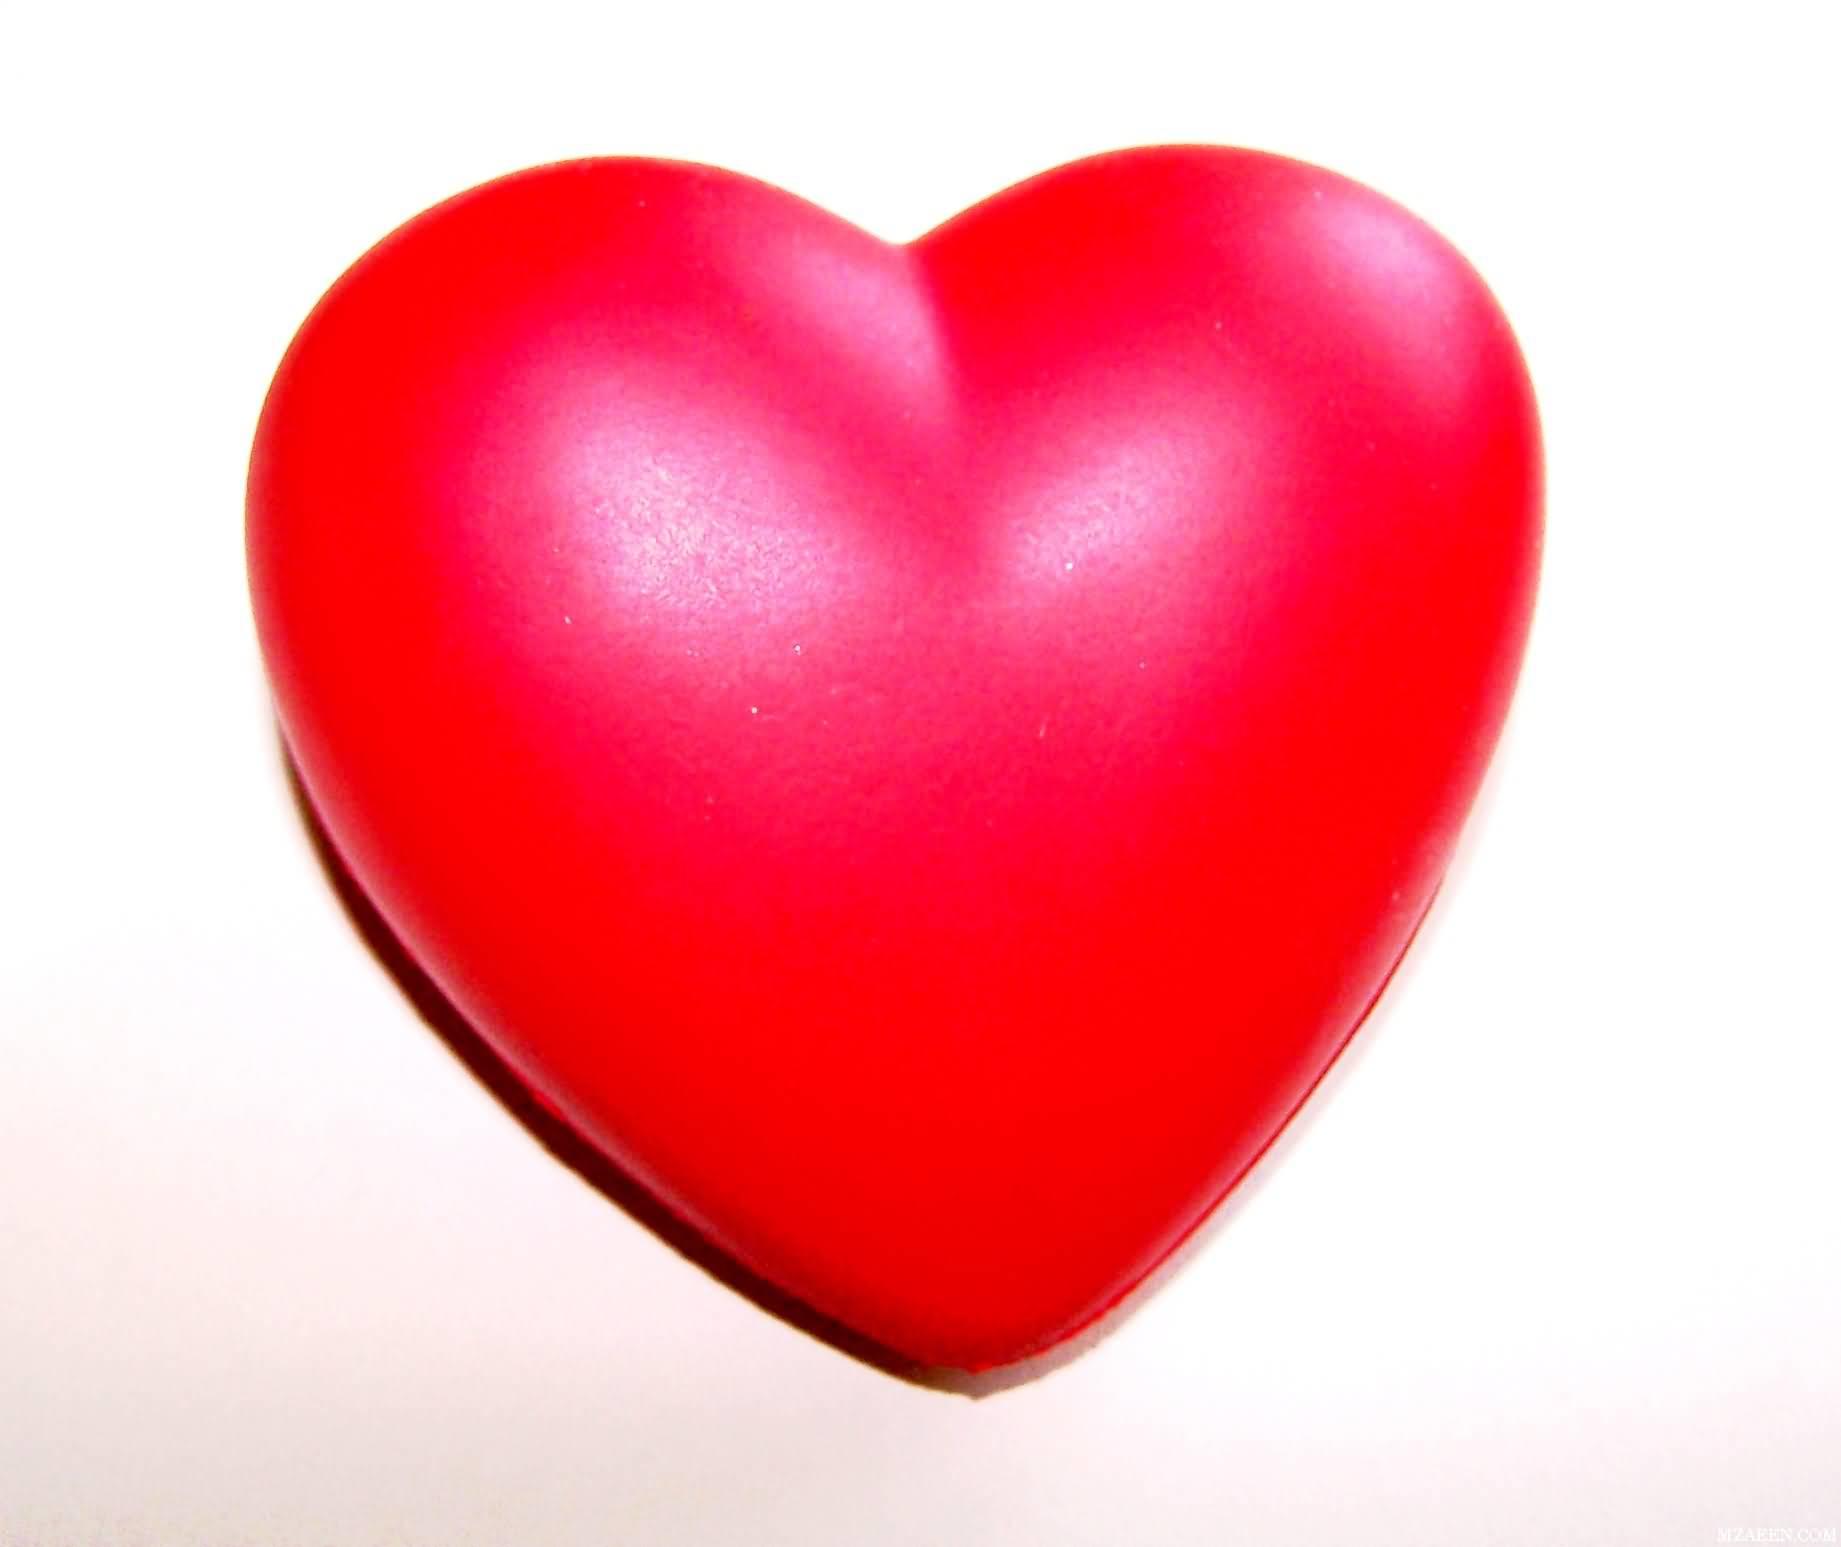 بالصور صور عن القلب , كسر القلوب 1624 4